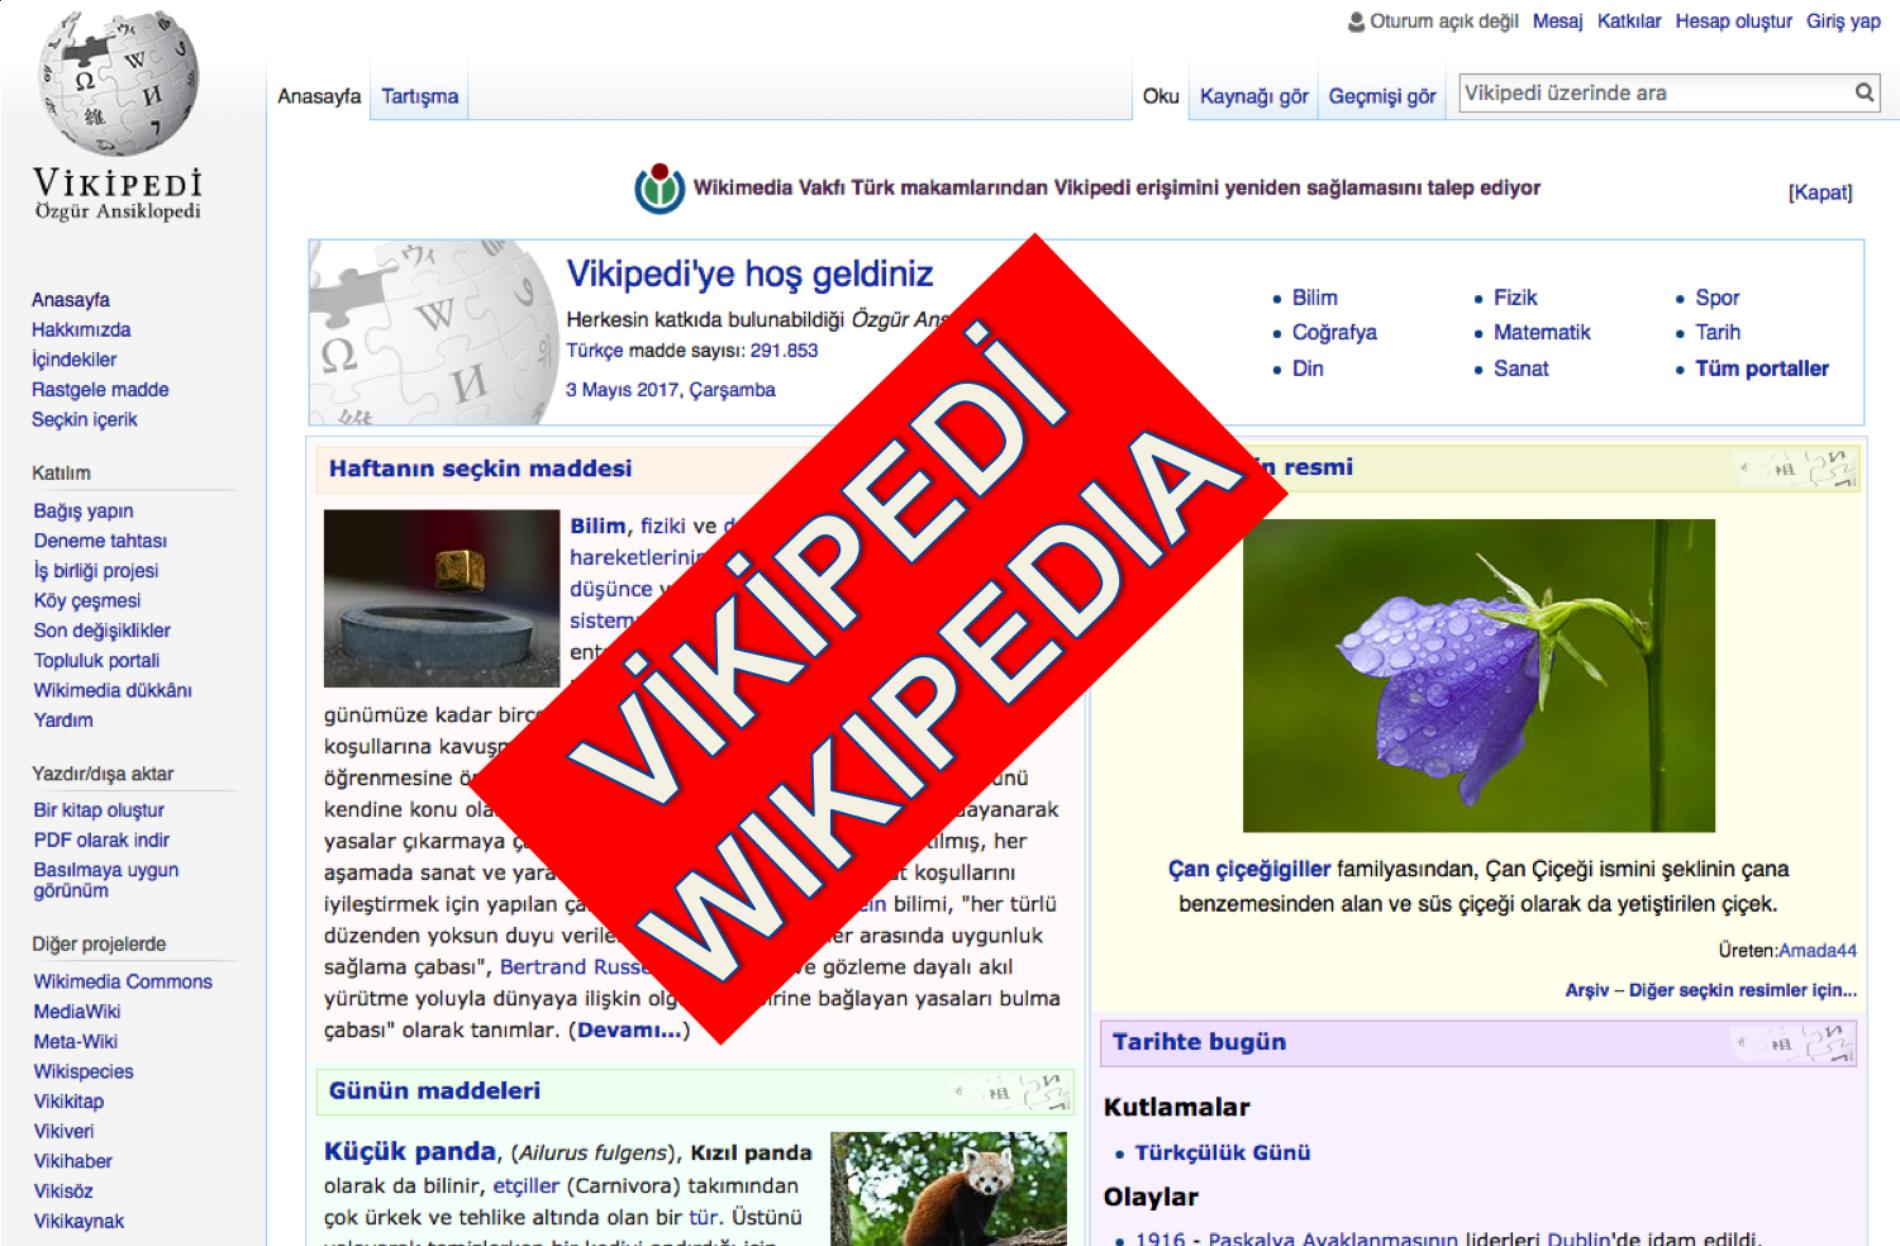 Wikimedia Vakfından Türk Makamlarına VikiPedi (Wikipedia) Çağrısı